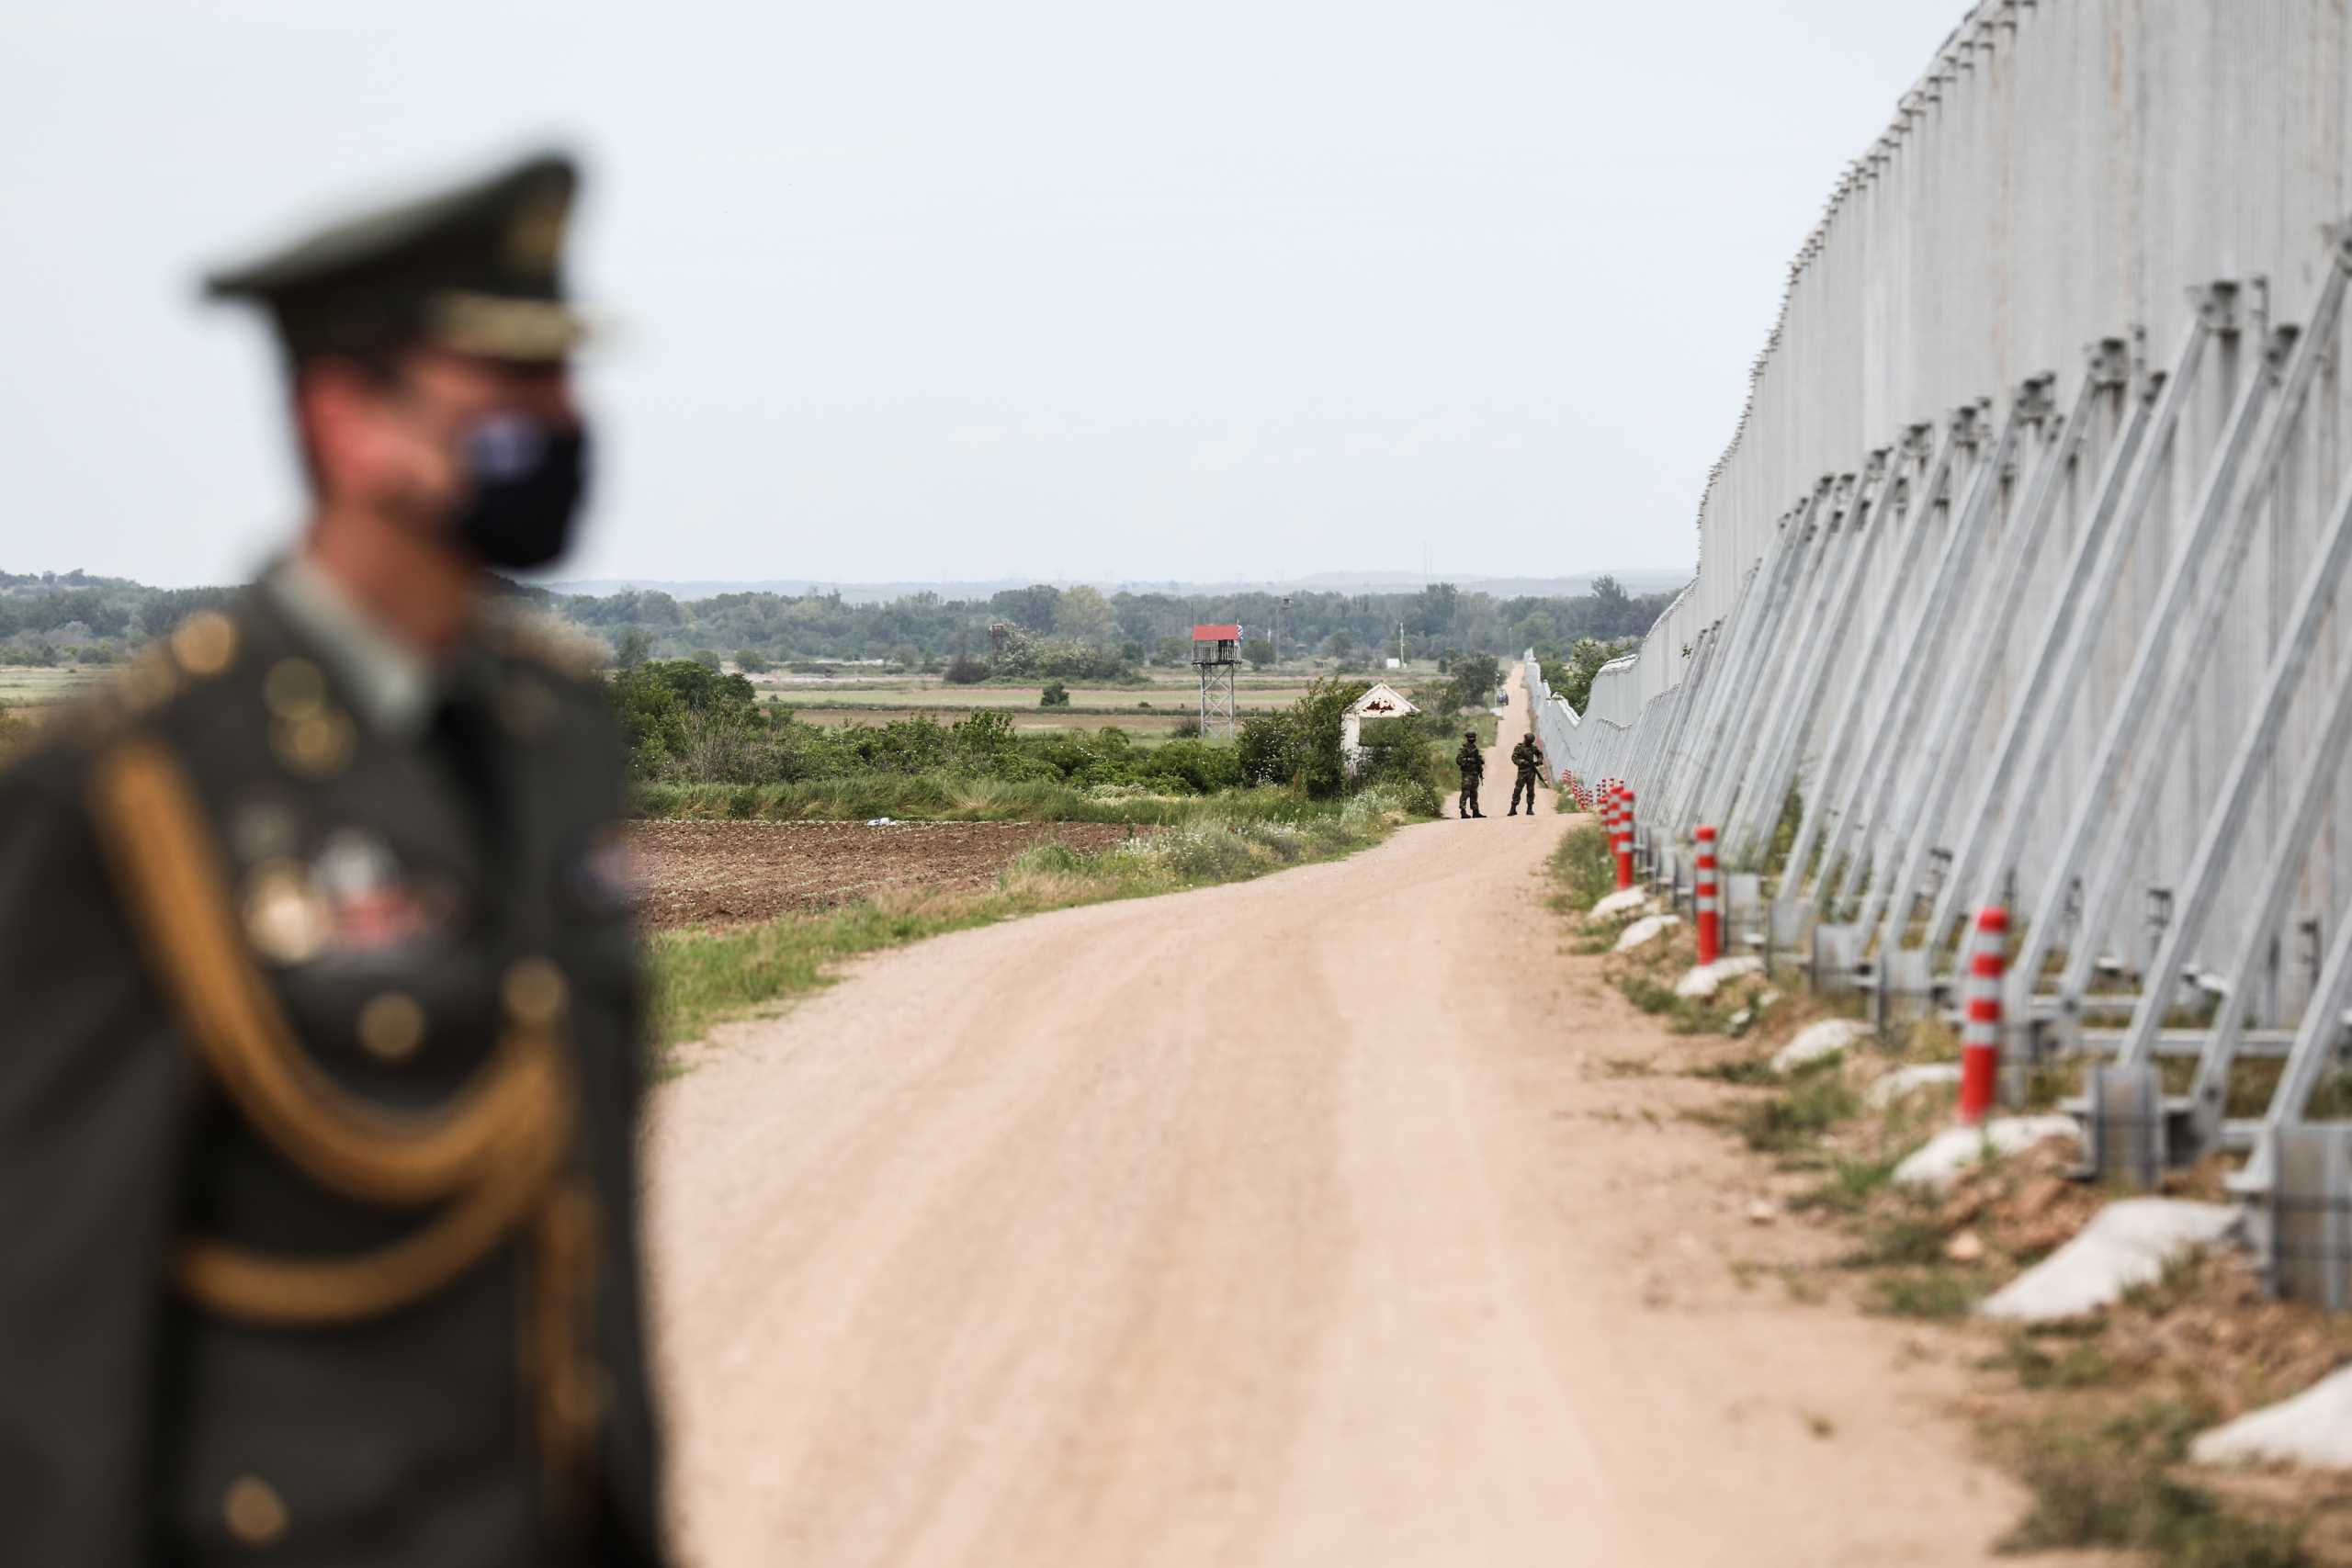 Παναγιωτόπουλος και Χρυσοχοΐδης στον Έβρο: «Τα σύνορα της Ελλάδας θα παραμείνουν ασφαλή και απαραβίαστα»